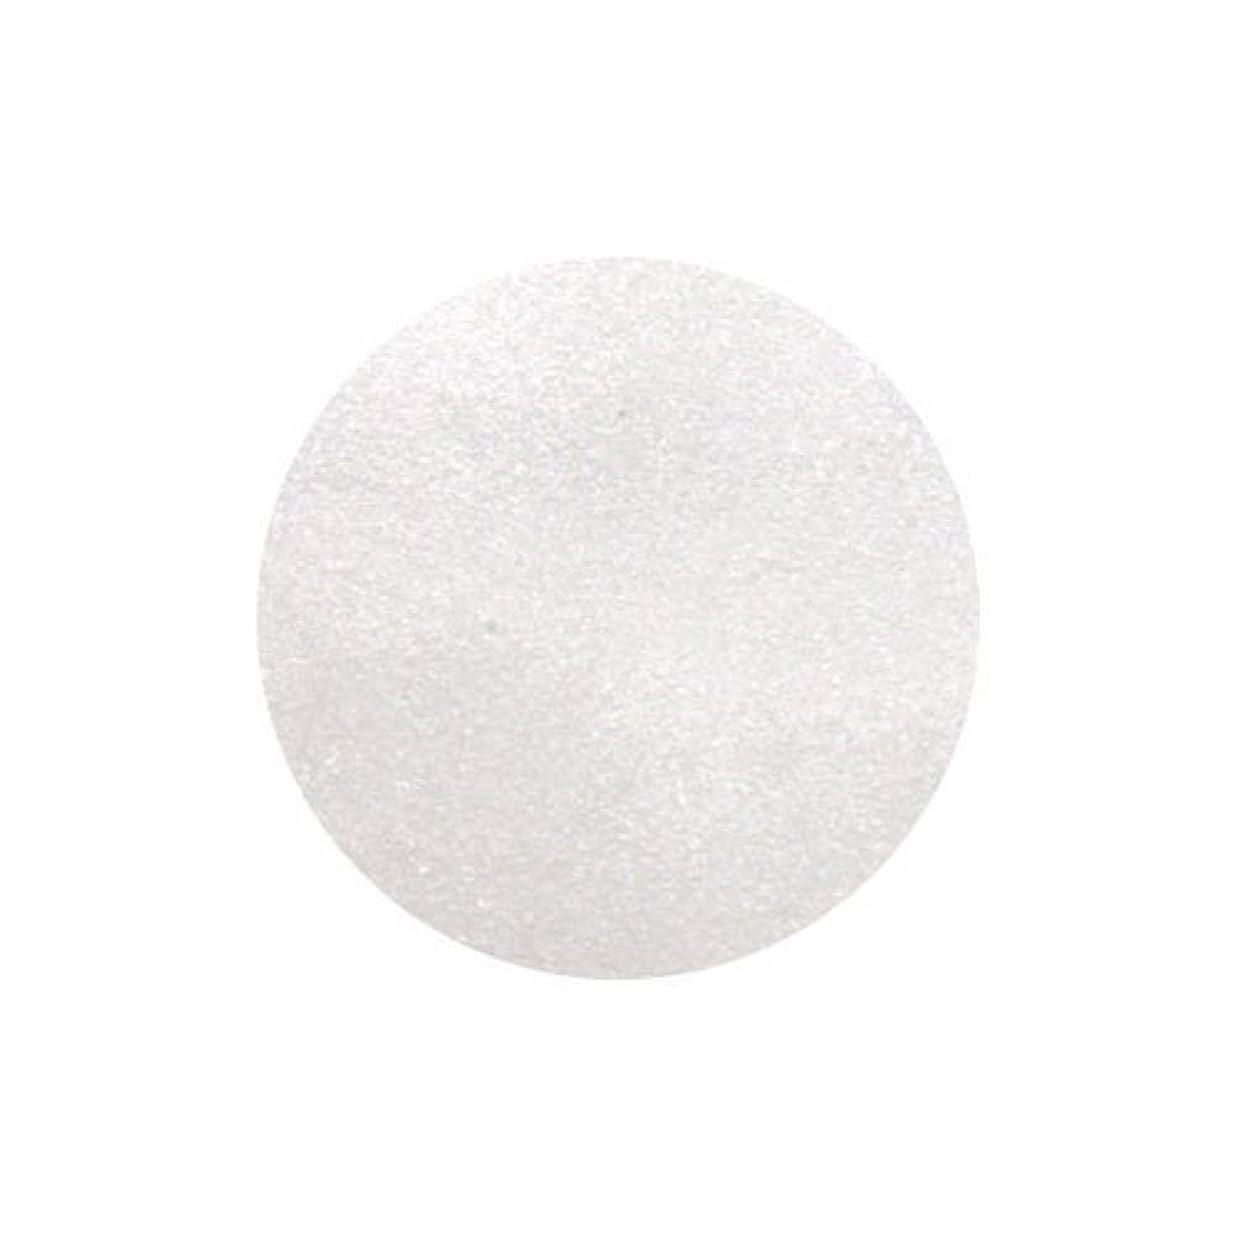 ハッチラダ習慣ピカエース ネイル用パウダー ピカエース クリスタルパール 3S #420-CW3S ホワイト 0.5g アート材